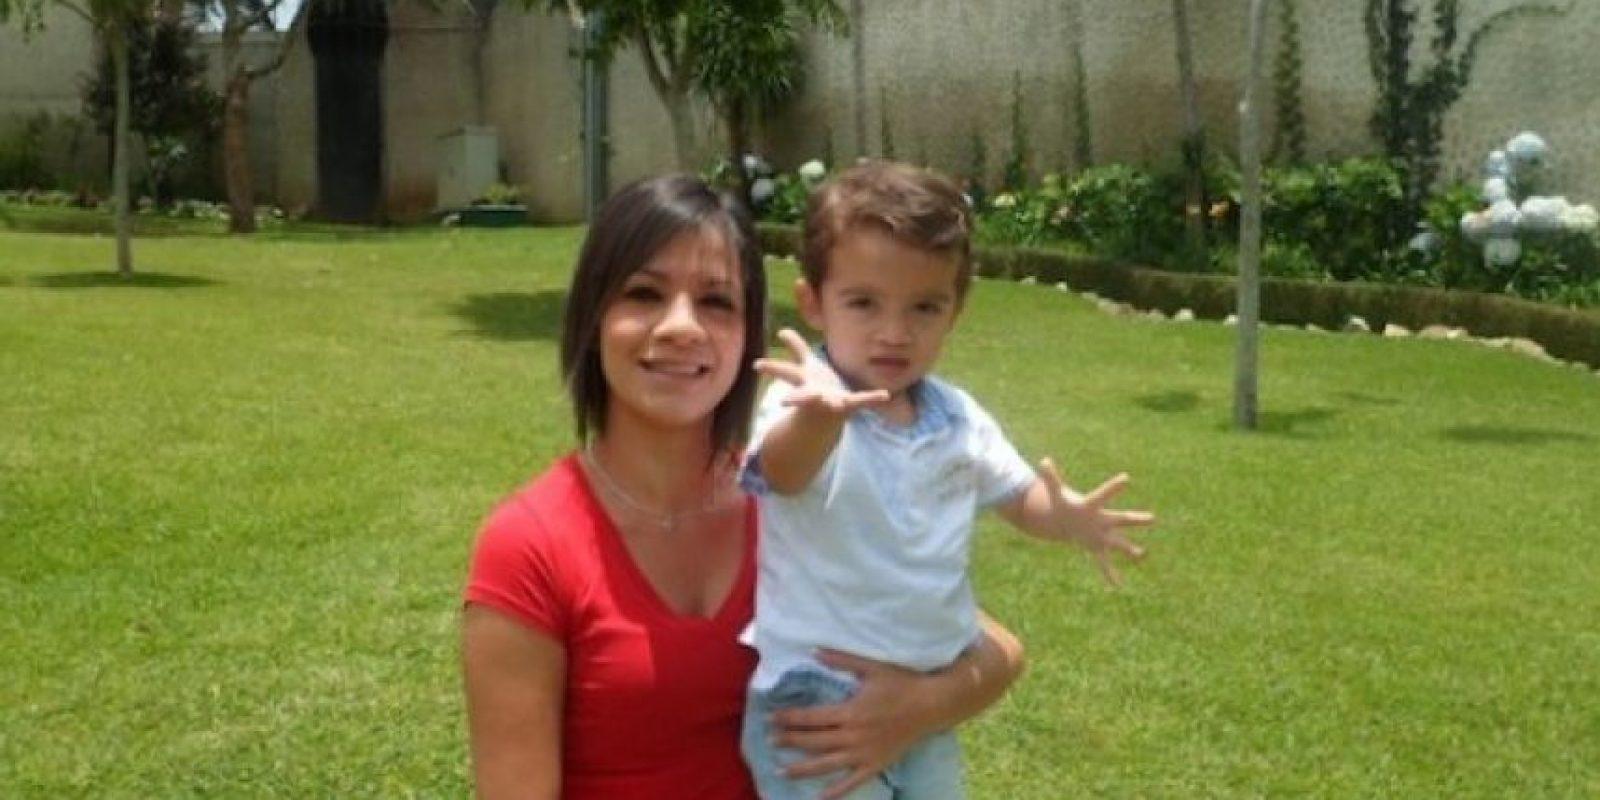 Nombre: Marco Emiliano Cacao López (2 añitos) mama: Carmen Gabriella Lopez Rojas mensaje: Feliz día de la madre mamita, porque como tú no hay ninguna en este mundo, porque tu amor siempre será más grande que cualquier otra cosa, te amo!!!